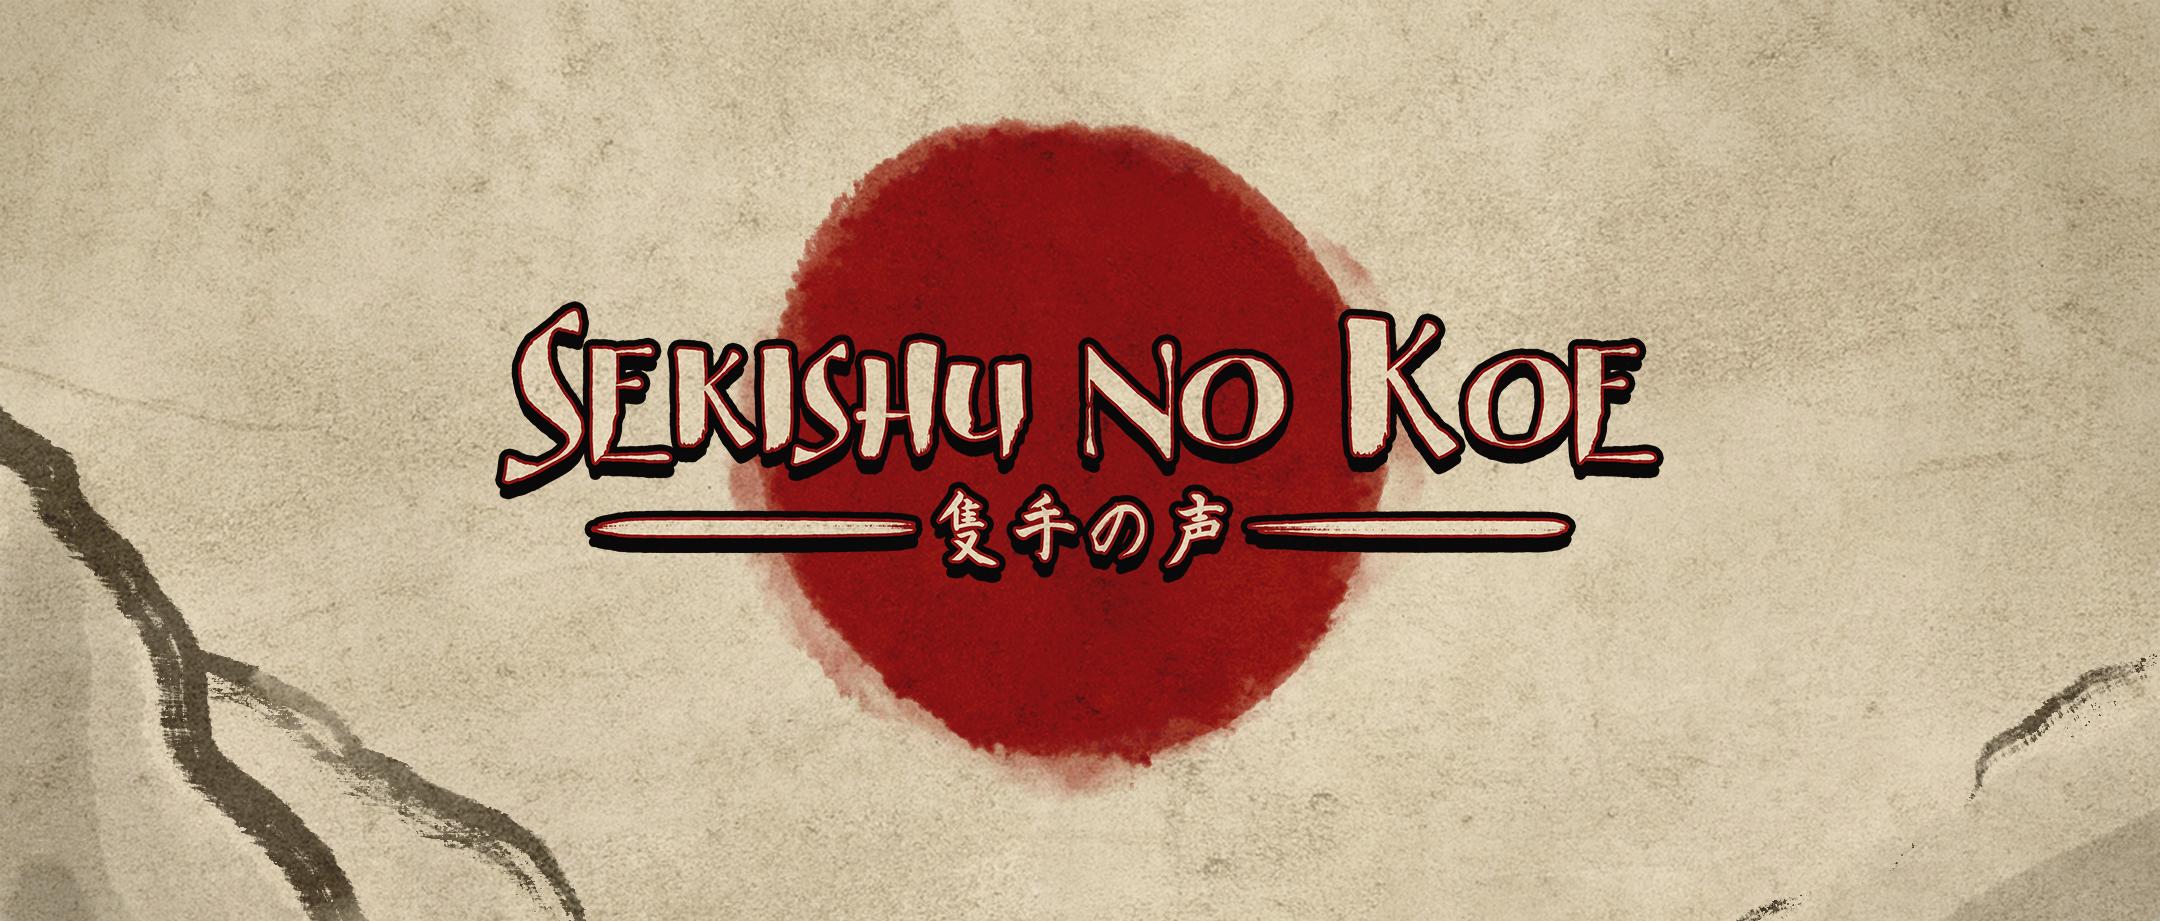 Sekishu no Koe (Demo)